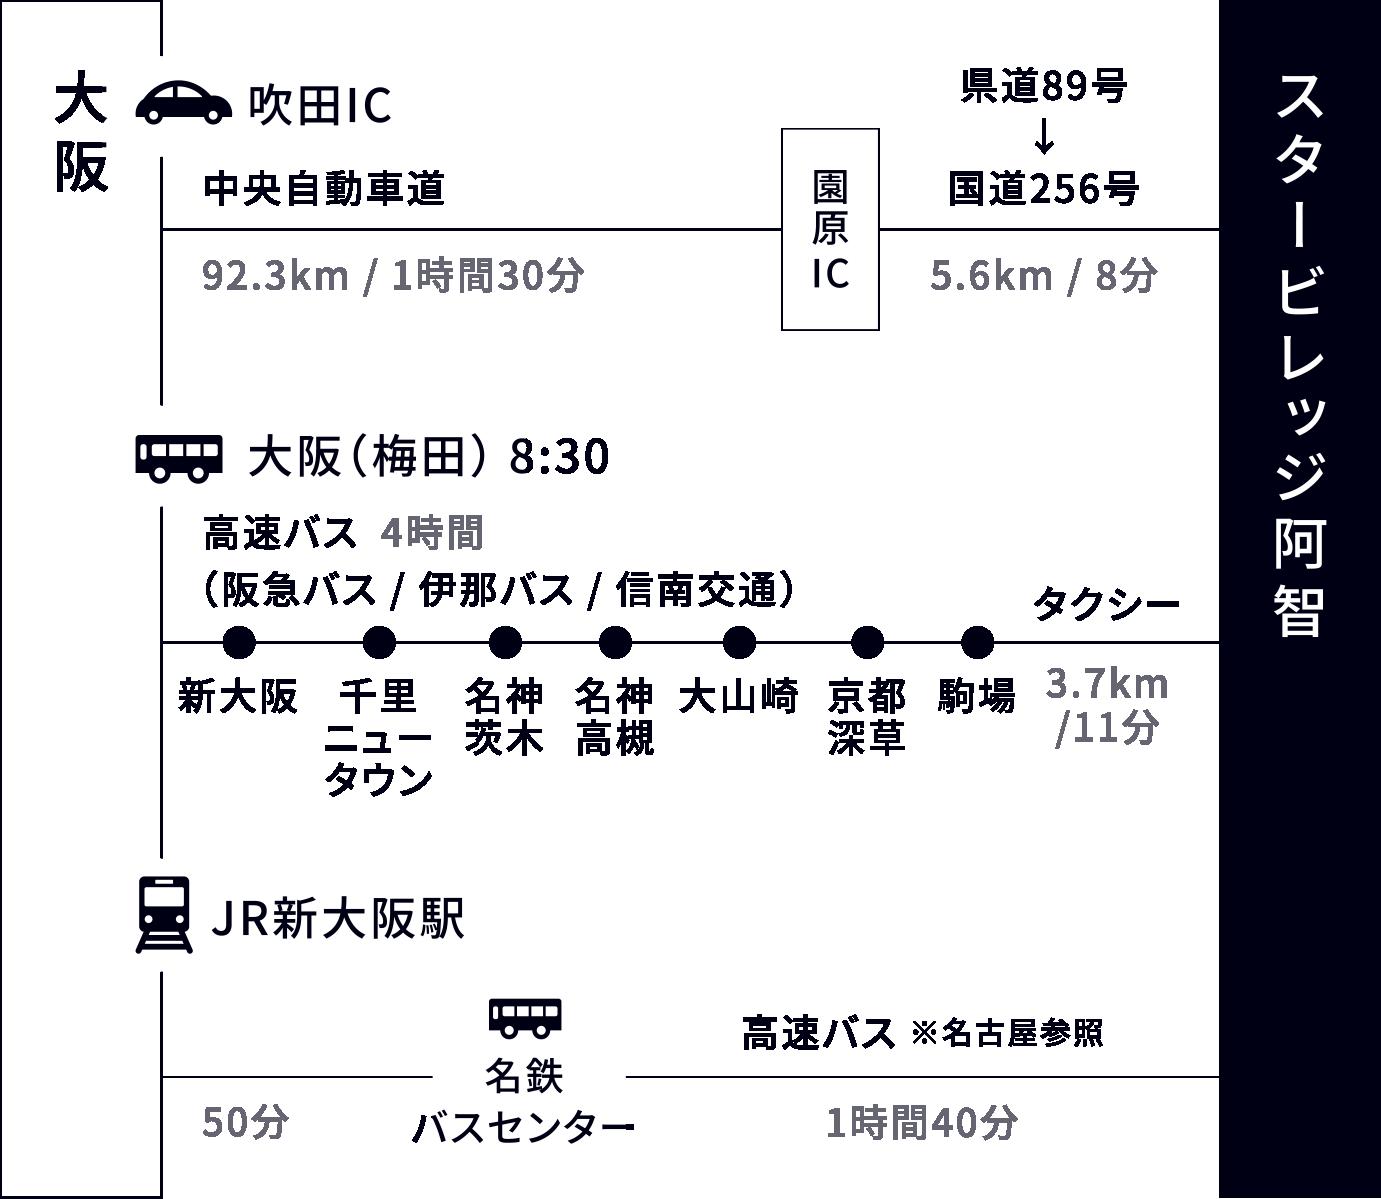 大阪からのアクセス方法